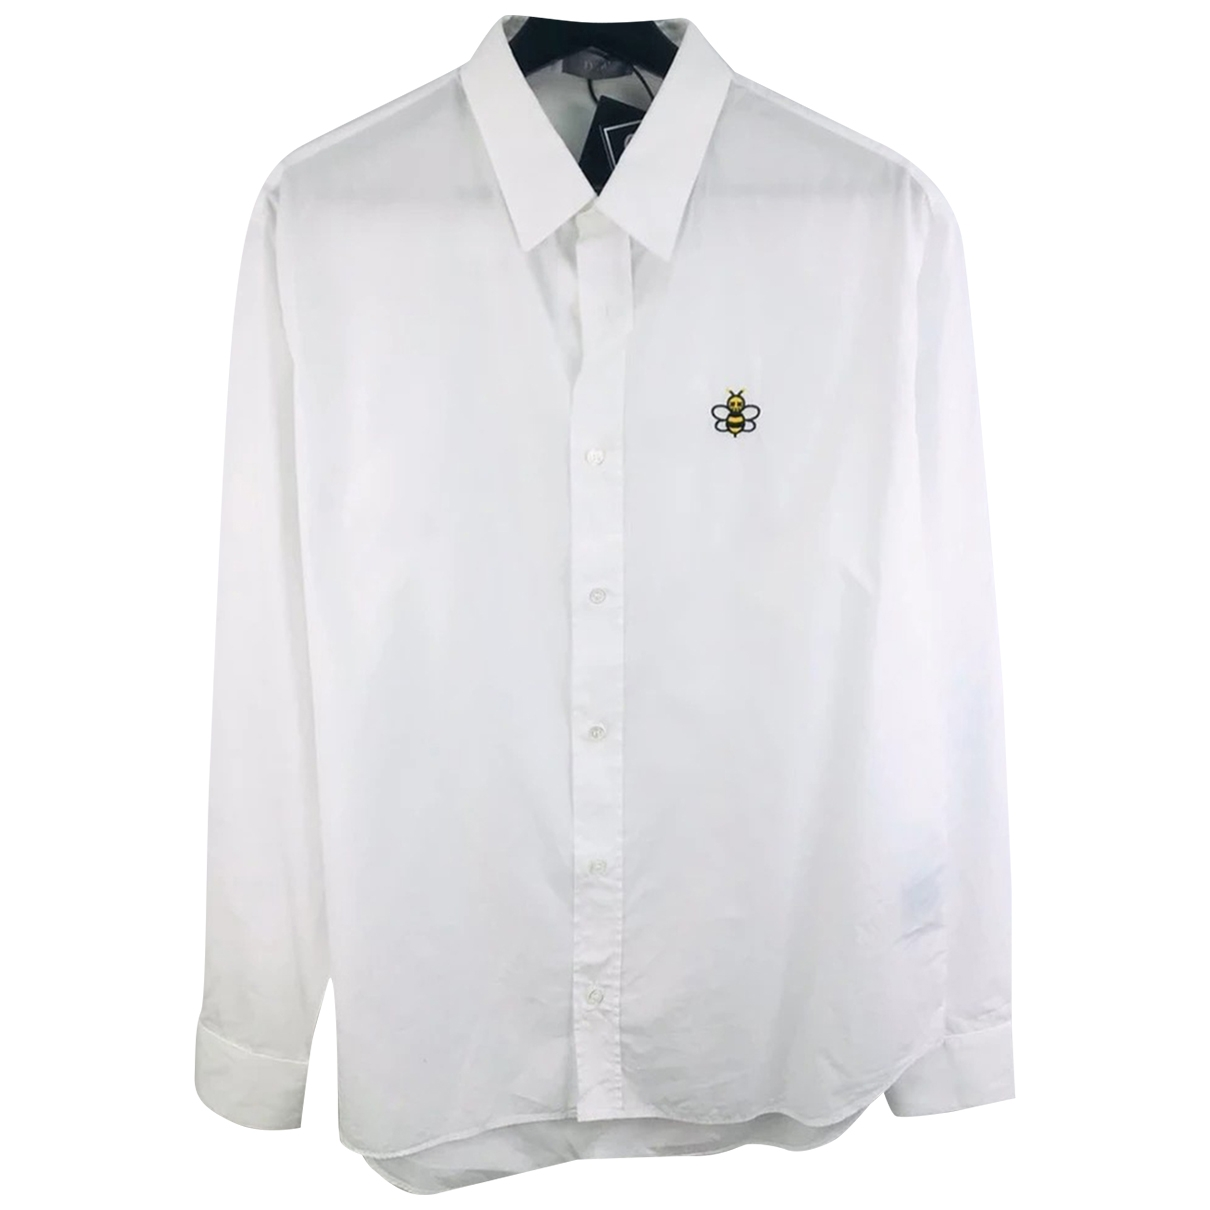 Dior Homme \N White Cotton Shirts for Men 41 EU (tour de cou / collar)